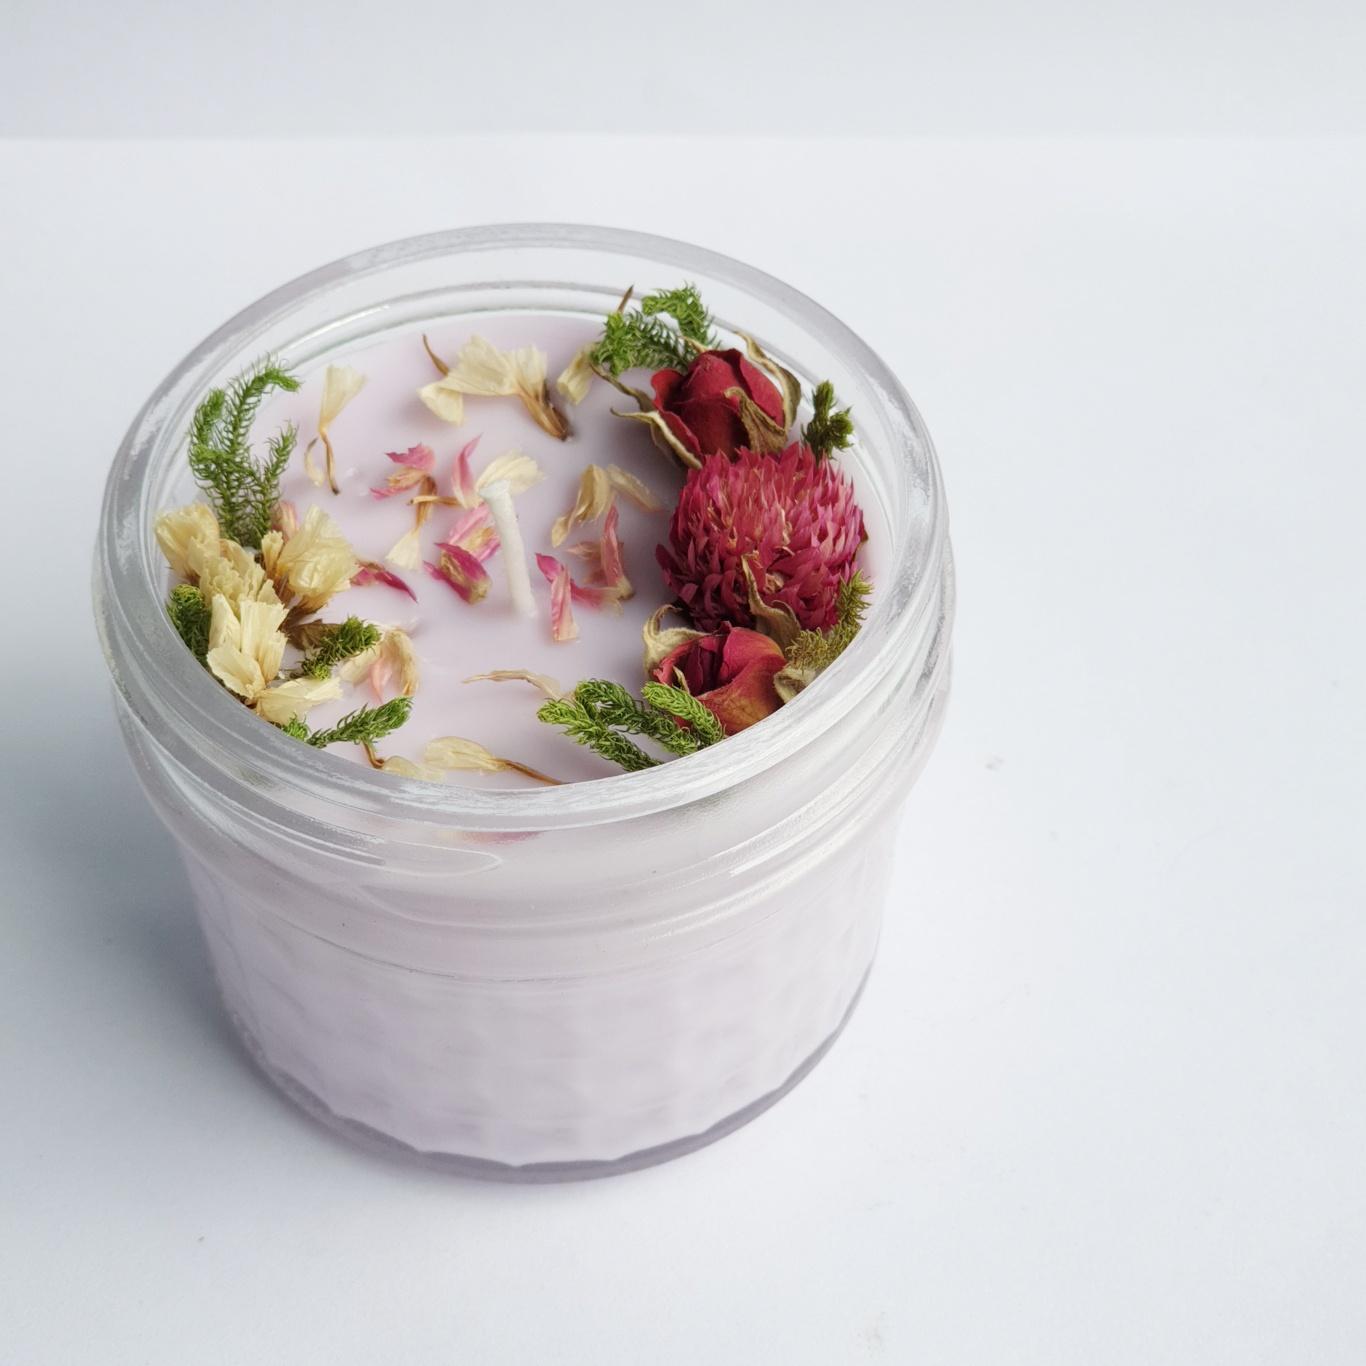 Combo 3 nến thơm tinh dầu 1 nến thơm tinh dầu sả, 1 nến thơm tinh dầu lavender, 1 nến thơm thơm tinh dầu hương thảo 100g giúp thư giãn, thơm phòng khử mùi, handmade , tặng 1 chai tinh dầu 5ml